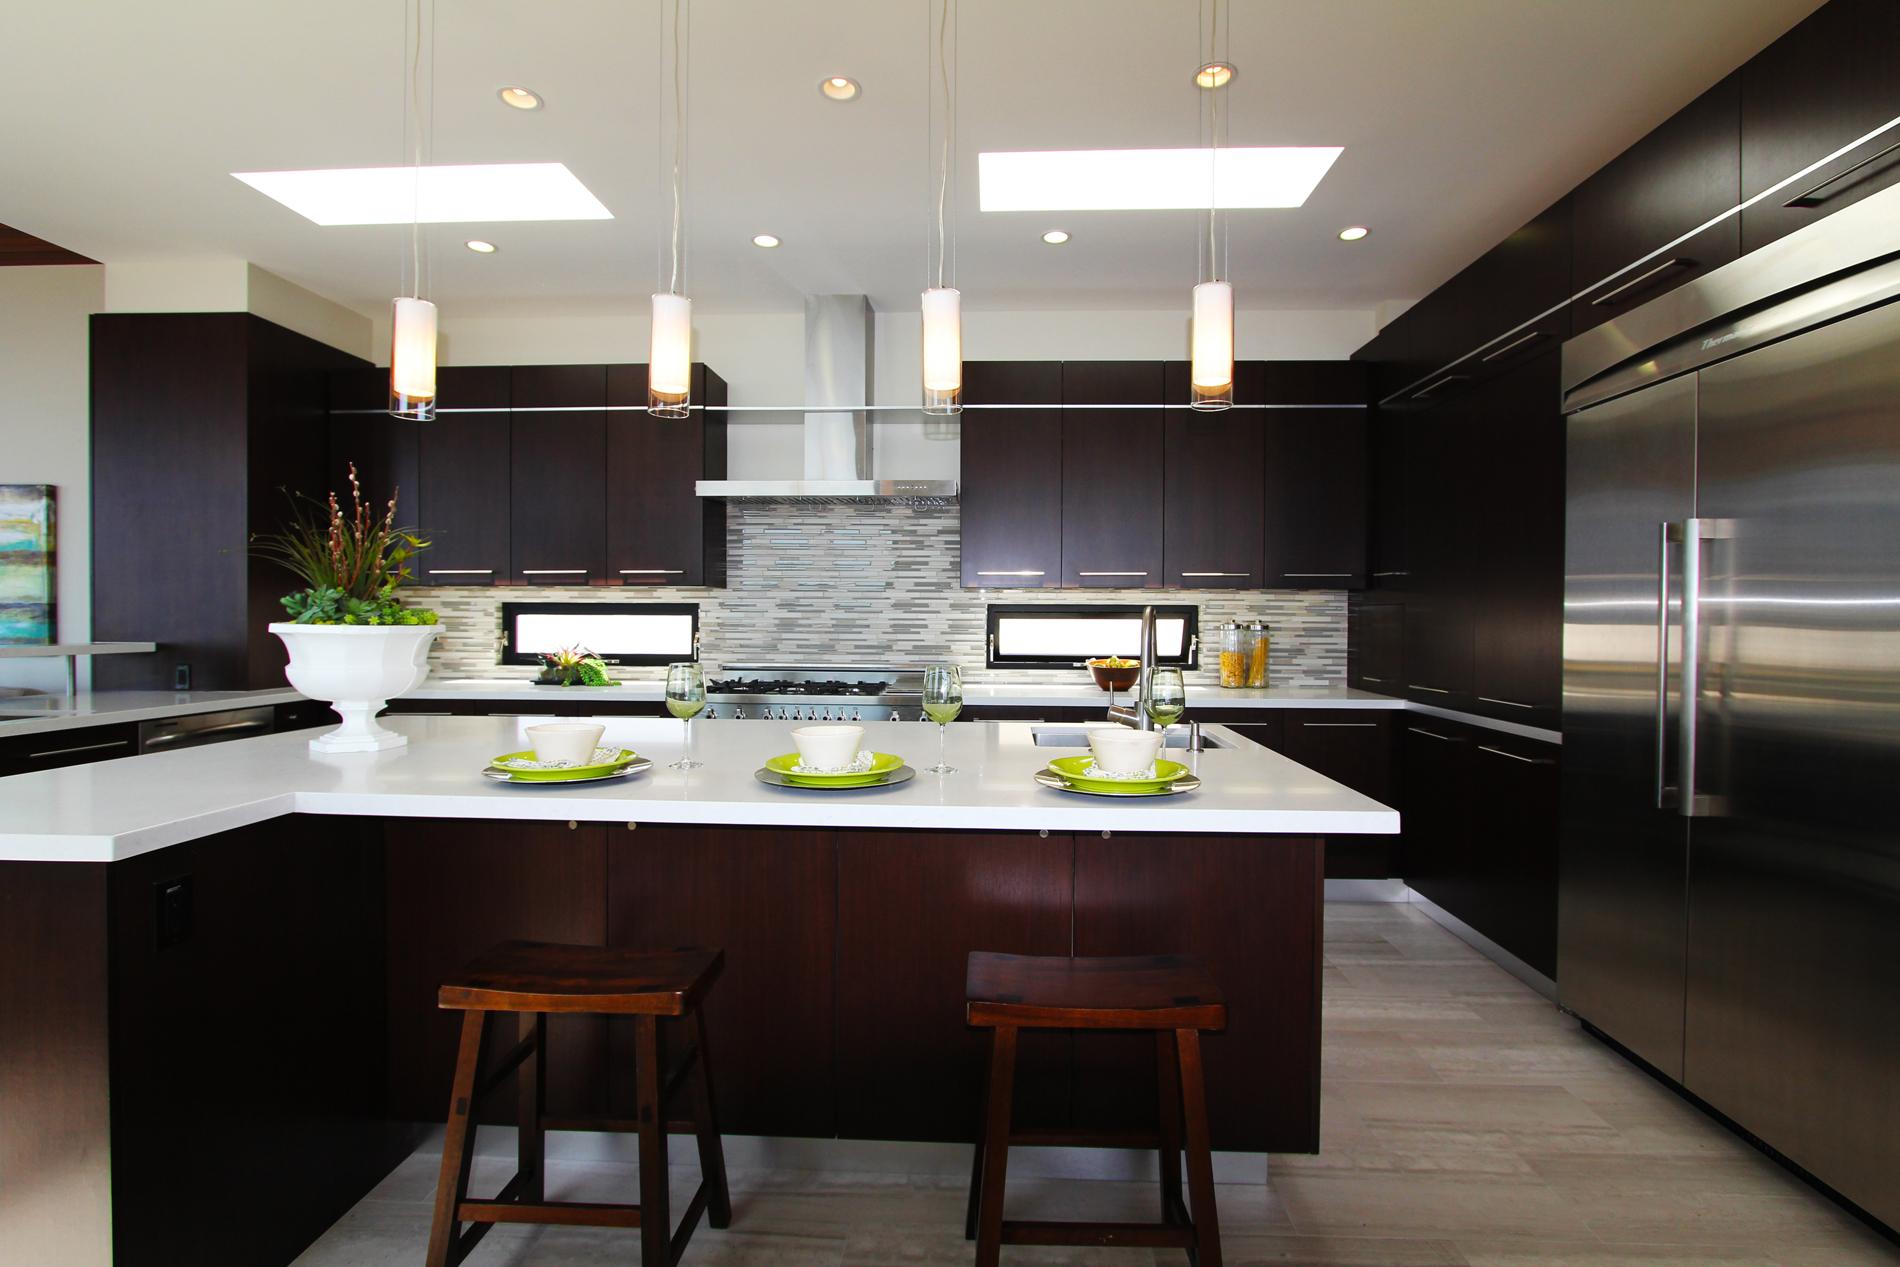 vista 34th kitchen2.jpg